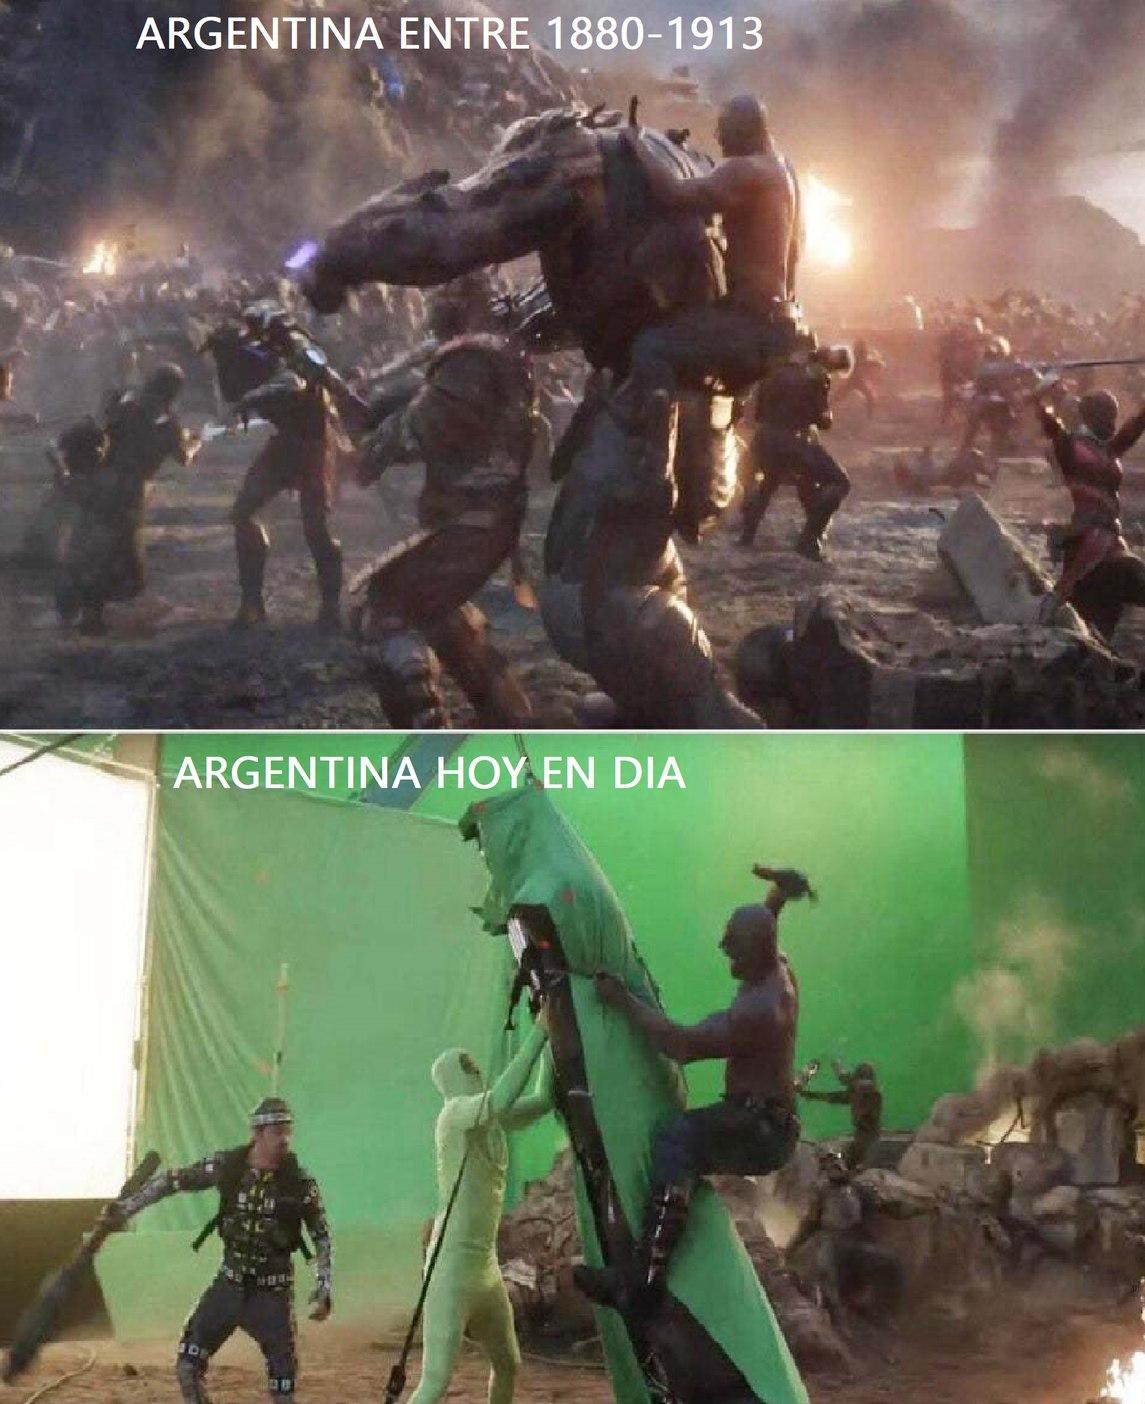 contexto: argentina en esos tiempos tuvo un gran crecimiento economico y hasta fueron potencia mundial - meme